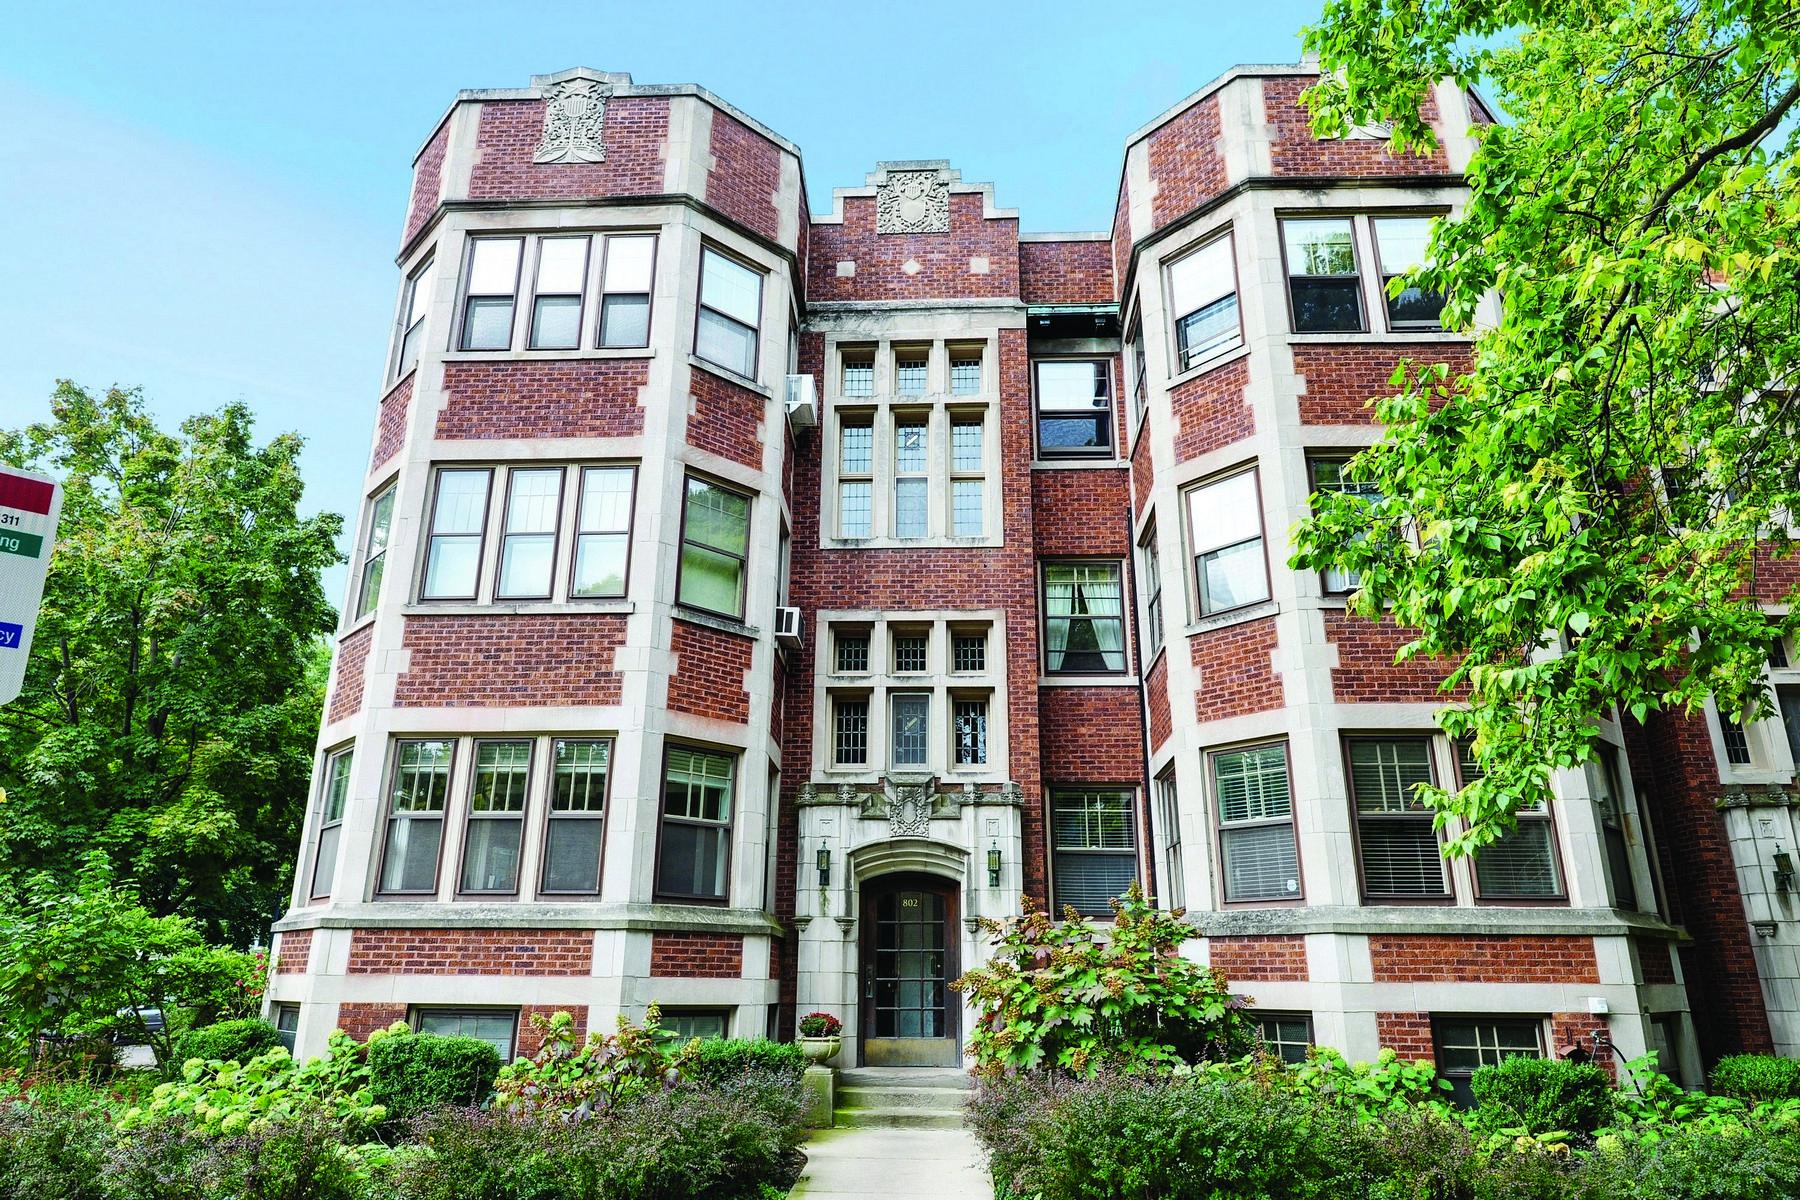 Villa per Vendita alle ore Gorgeous vintage home 802 Forest Avenue Unit 1S, Evanston, Illinois, 60202 Stati Uniti